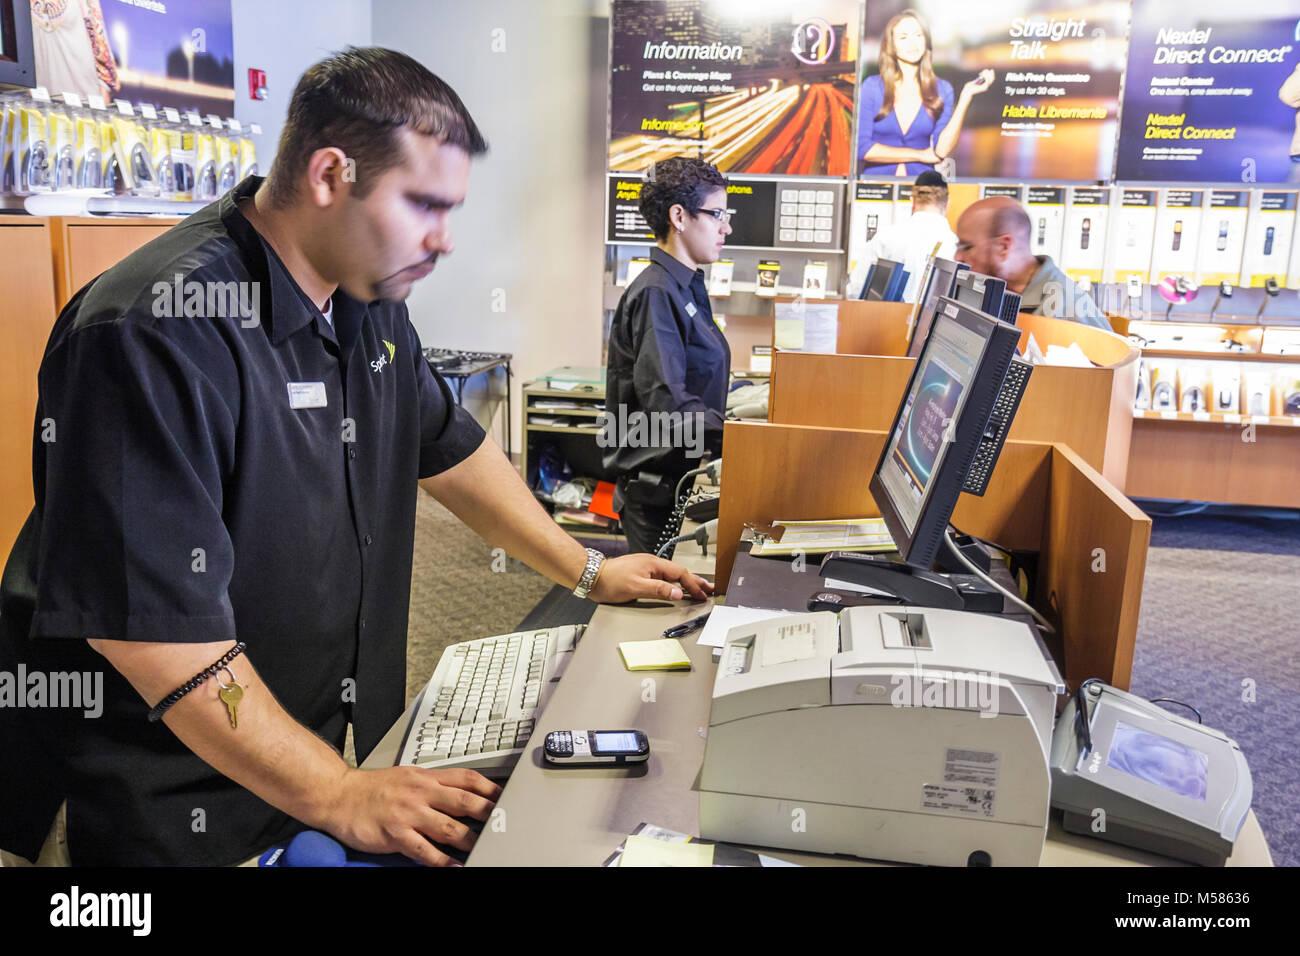 Sprint Nextel Store cellulare computer impiegato uomo ispanico occupazione marca cliente marketing bancone di vendita Immagini Stock